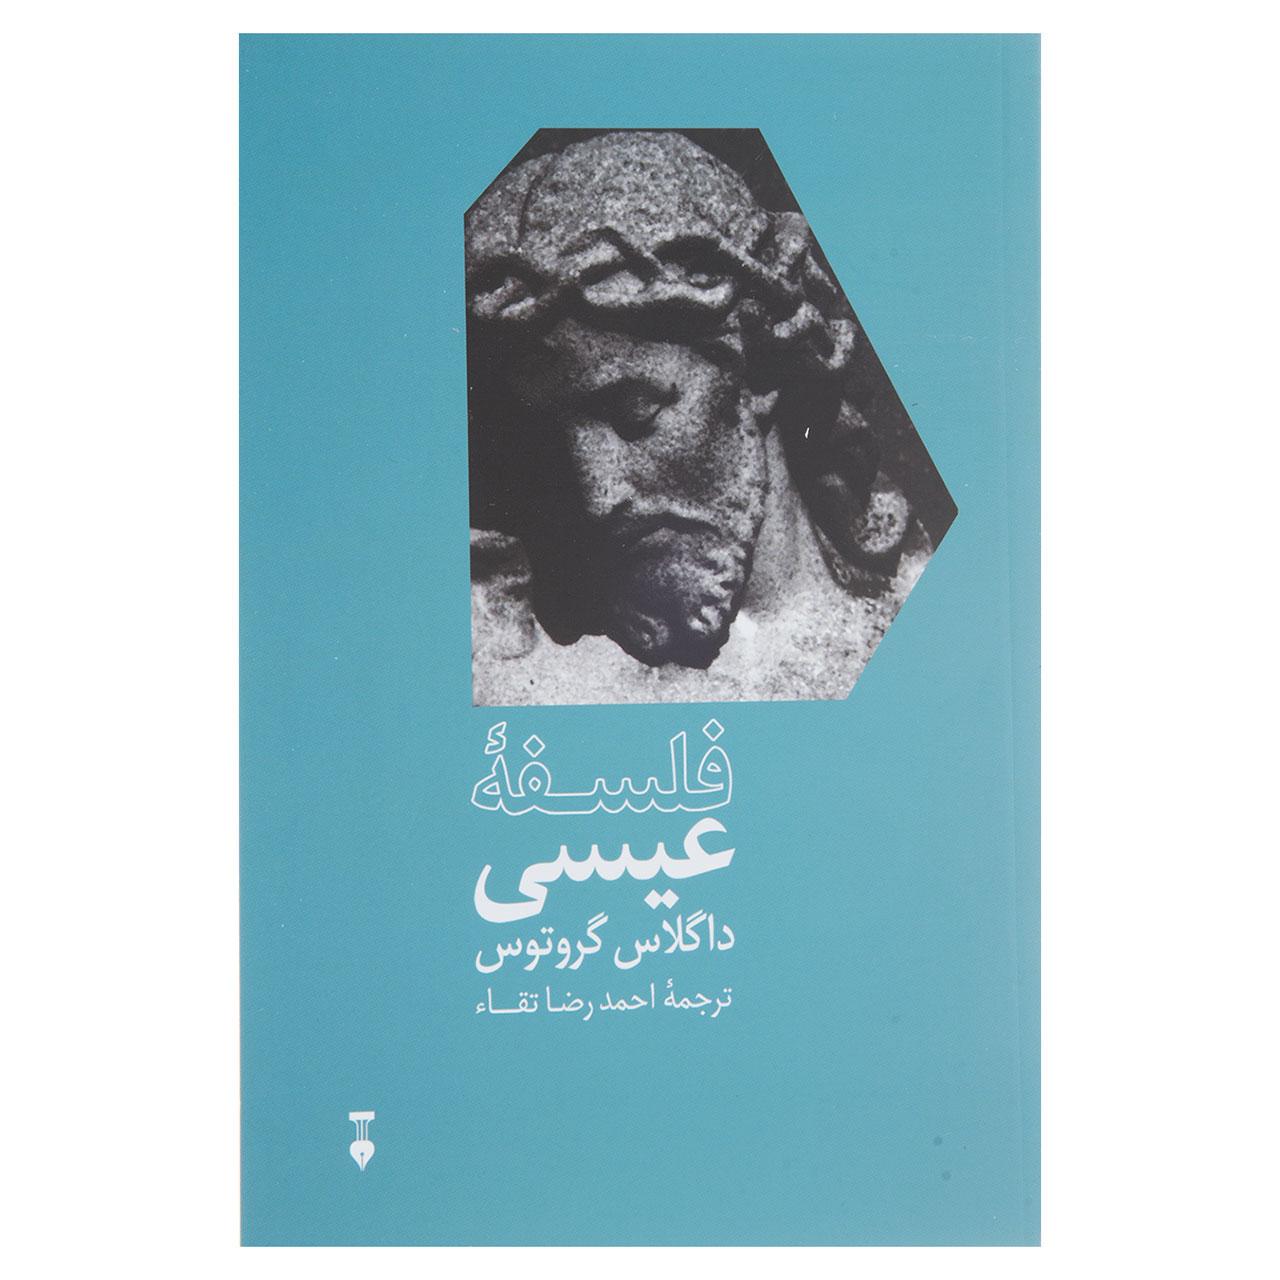 کتاب فلسفه عیسی اثر داگلاس گروتوس